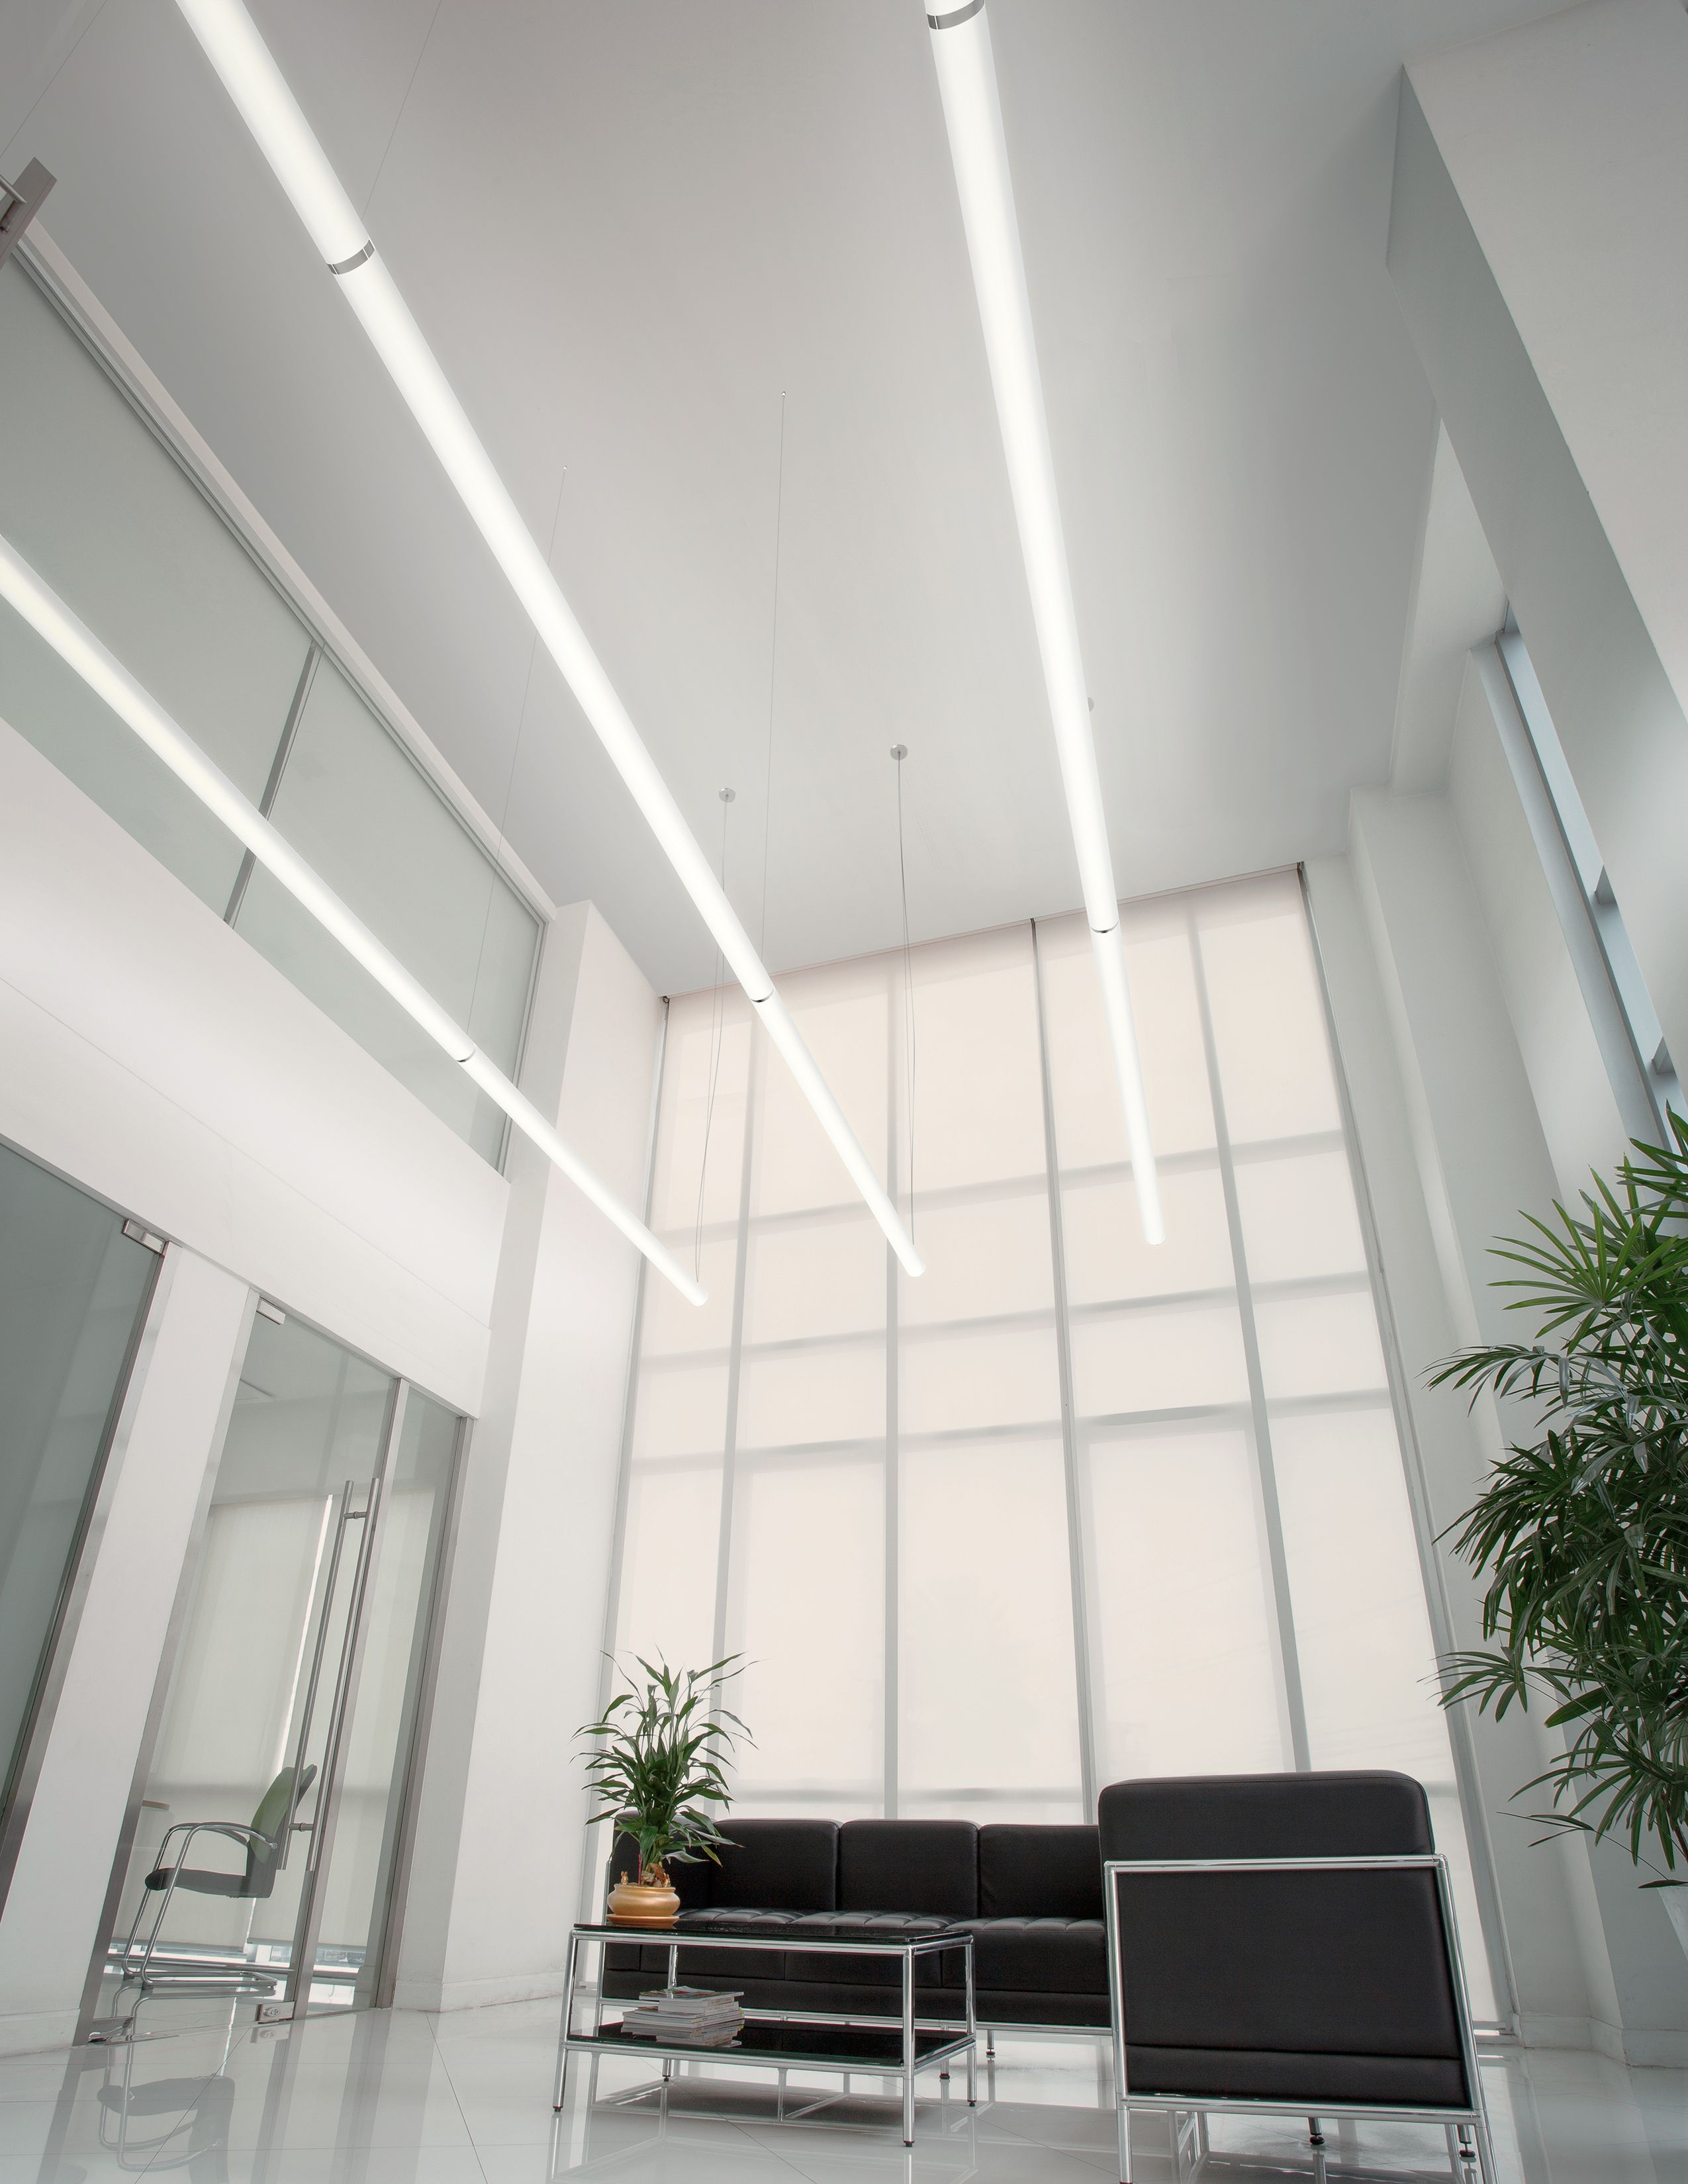 Eureka lighting bolt system linear lighting suspended eureka lighting bolt system arubaitofo Images